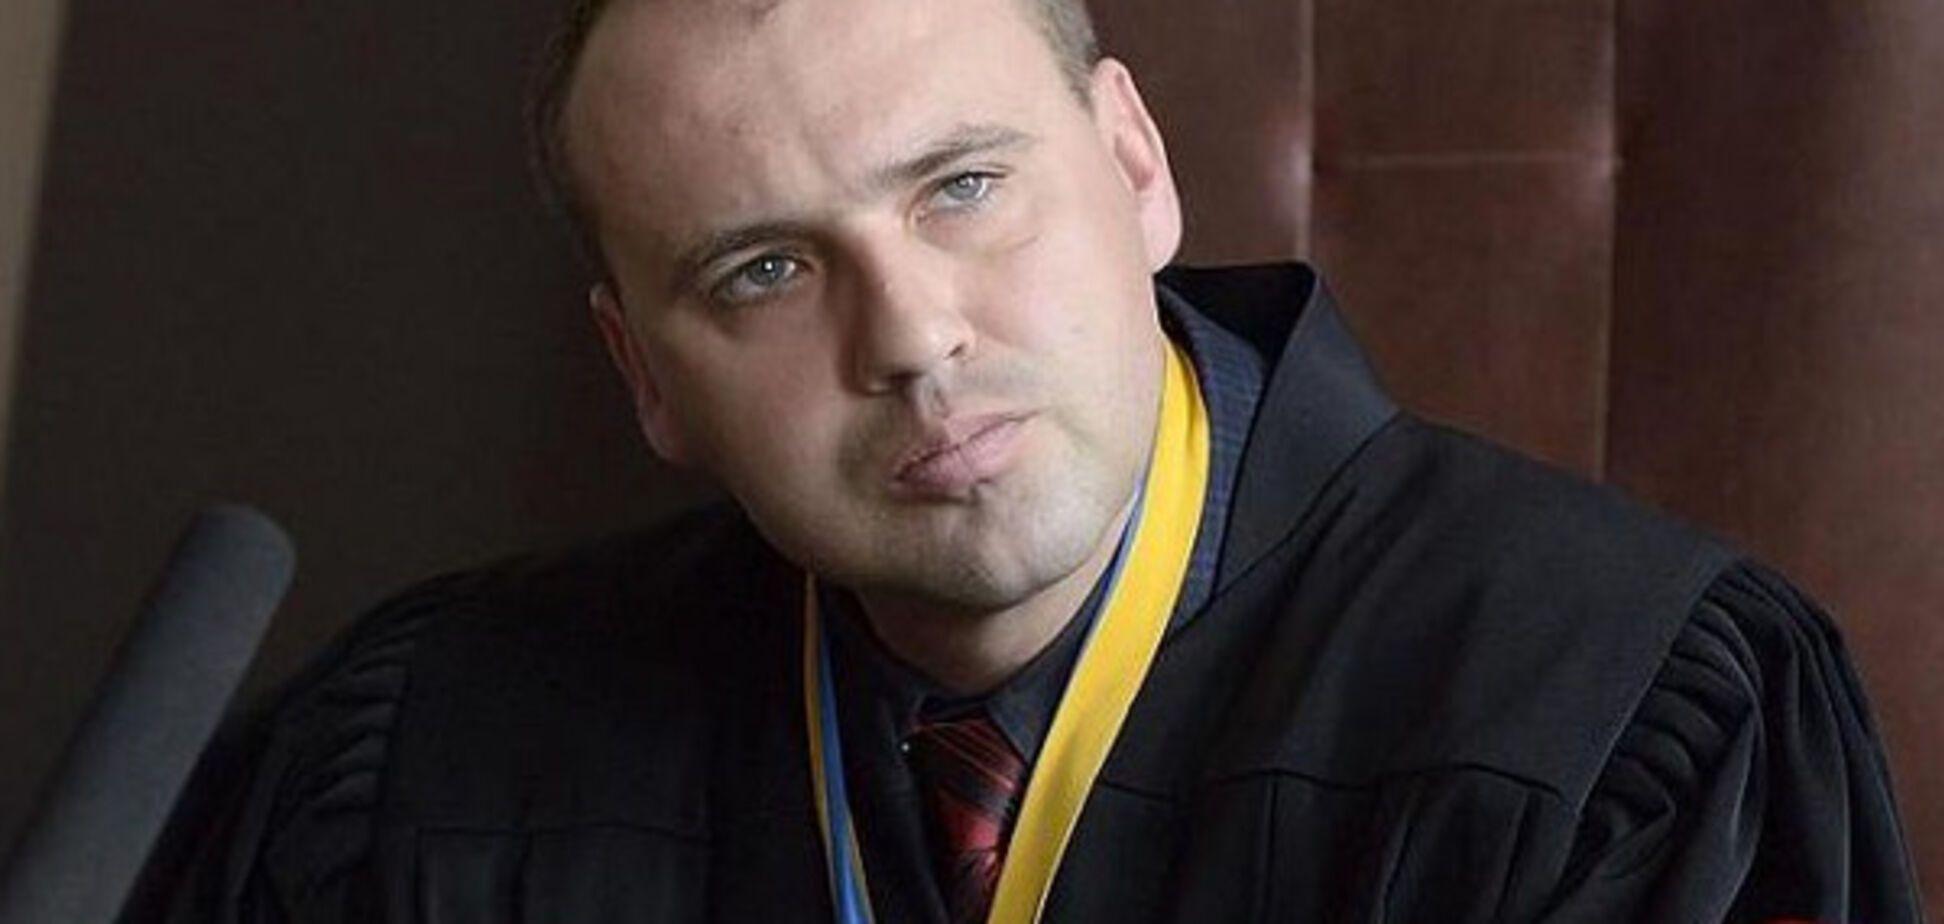 Суддя Солом\u0027янського районного суду Києва Олександр Бобровник